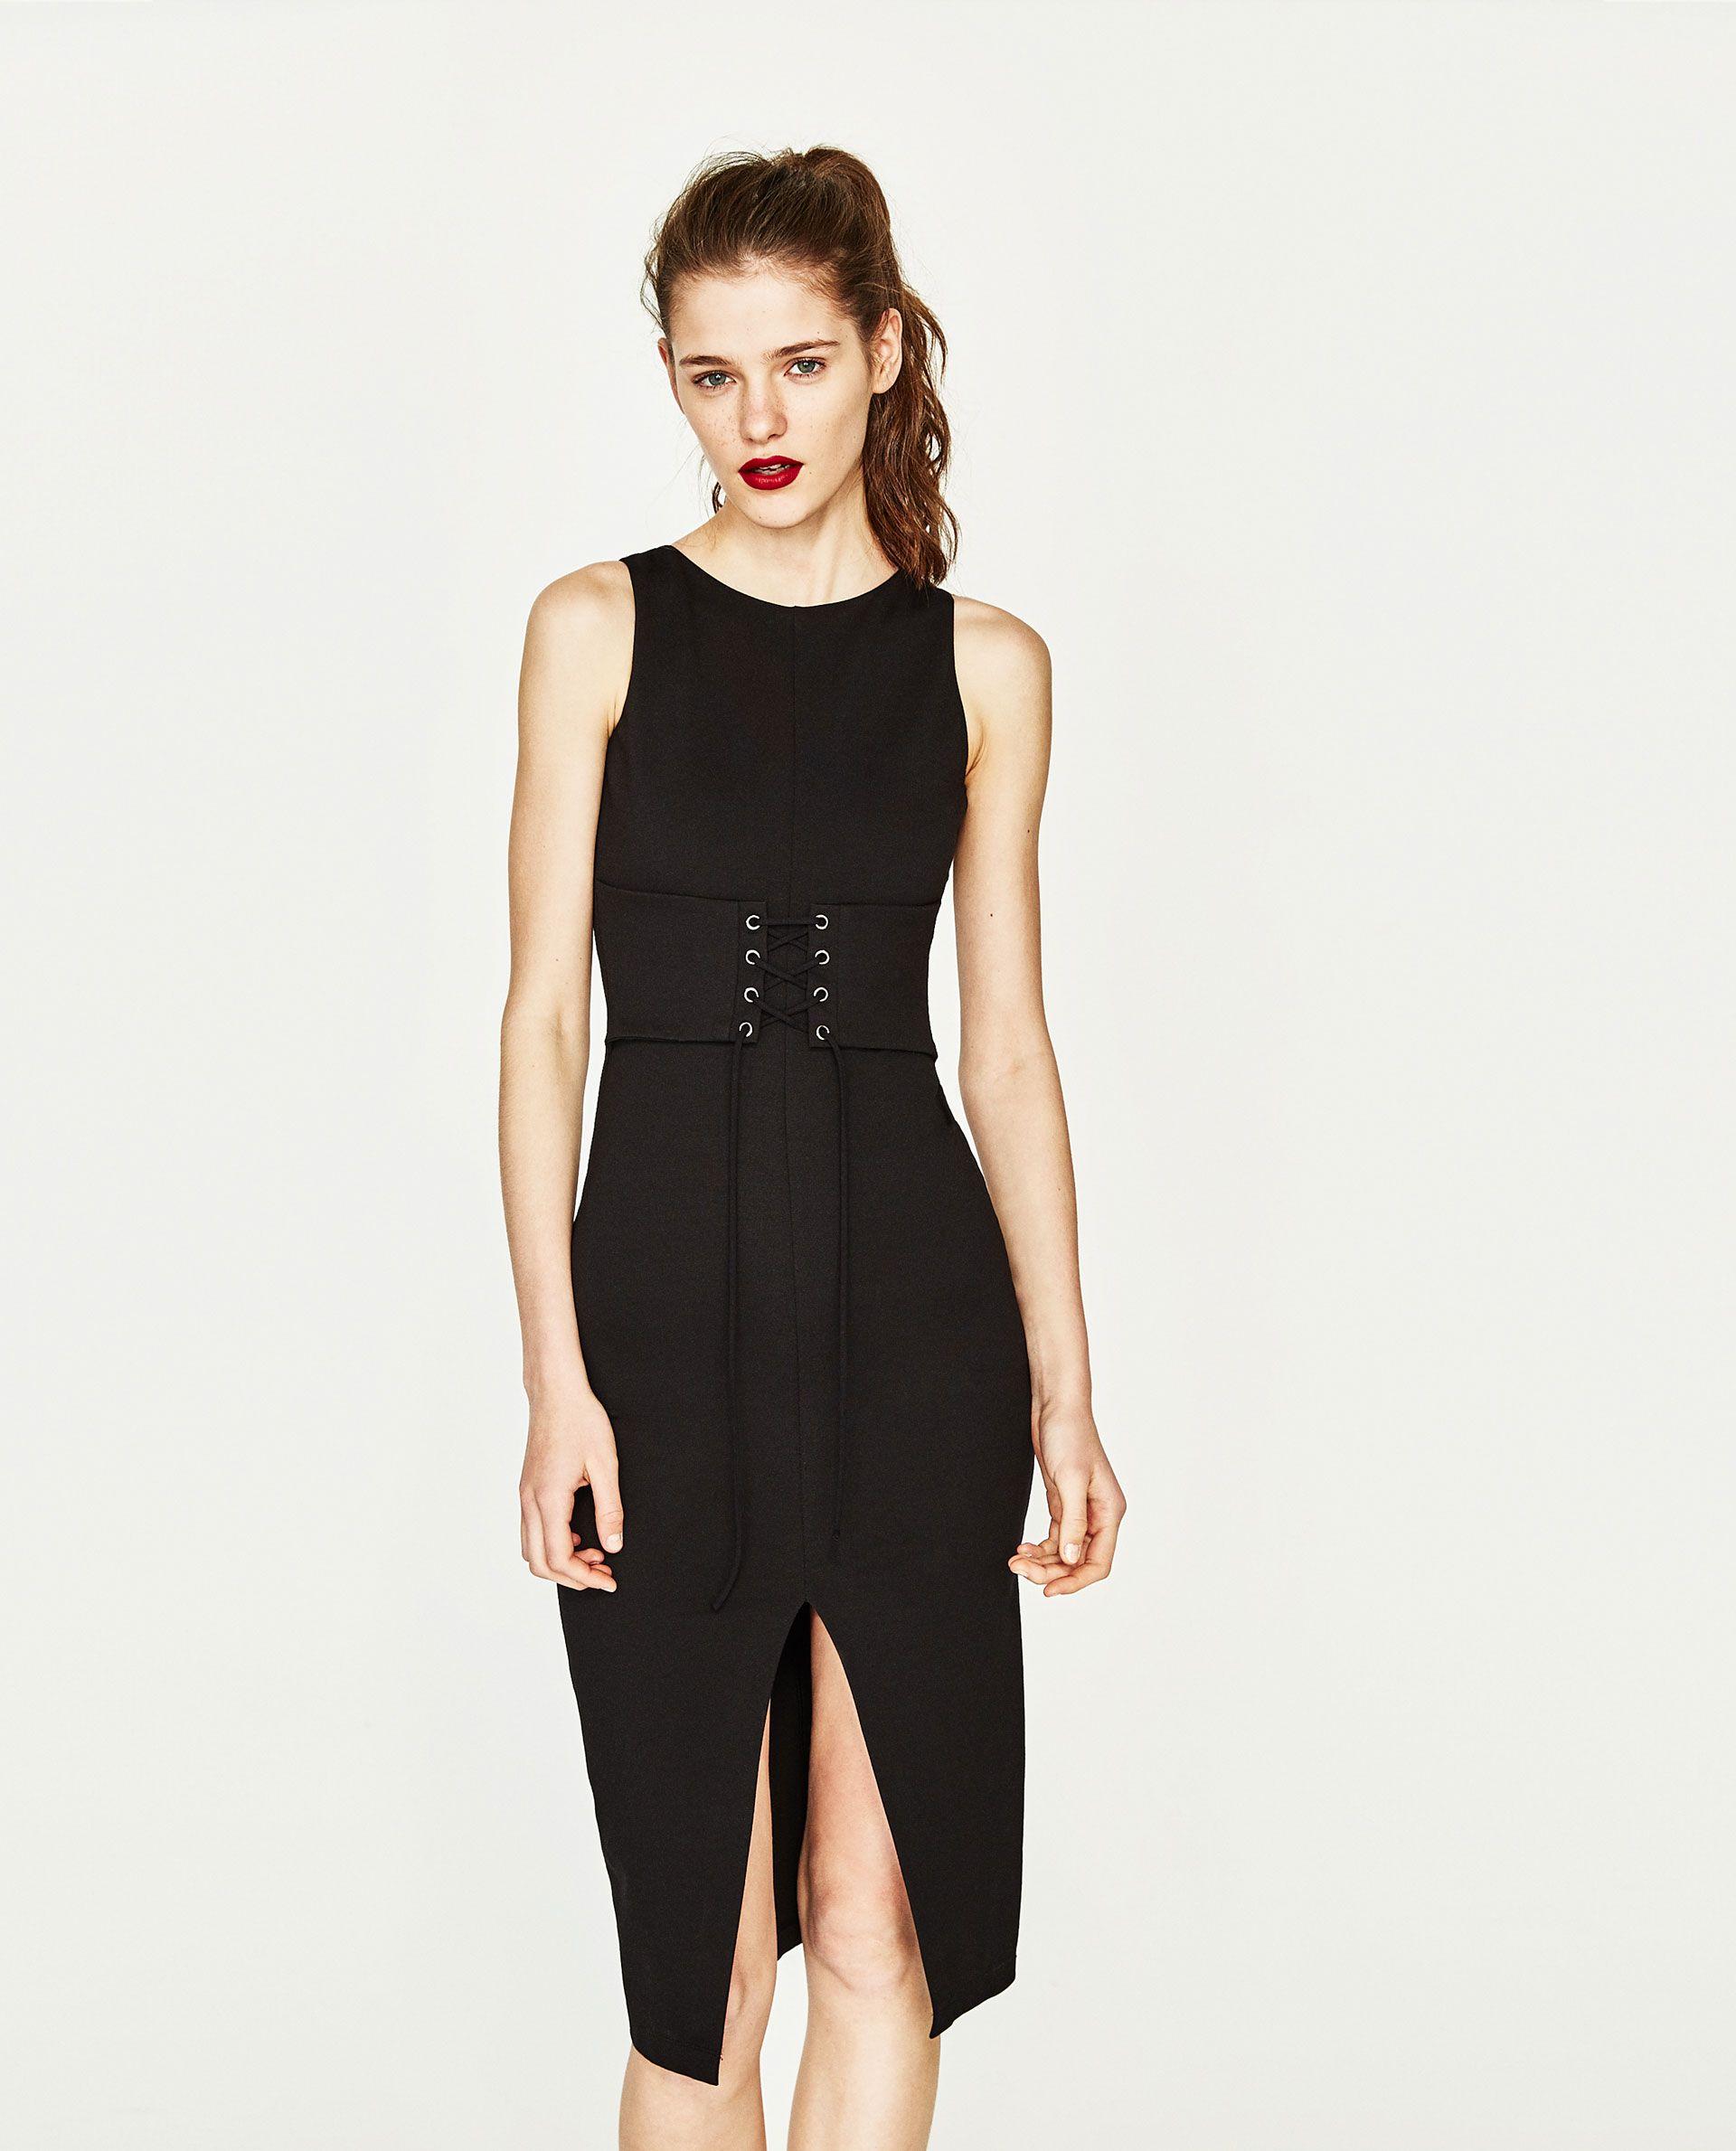 ZARA BLACK CORSET DRESS   Zara   Dresses, Zara, Black corset dress 6e5be4c7f97